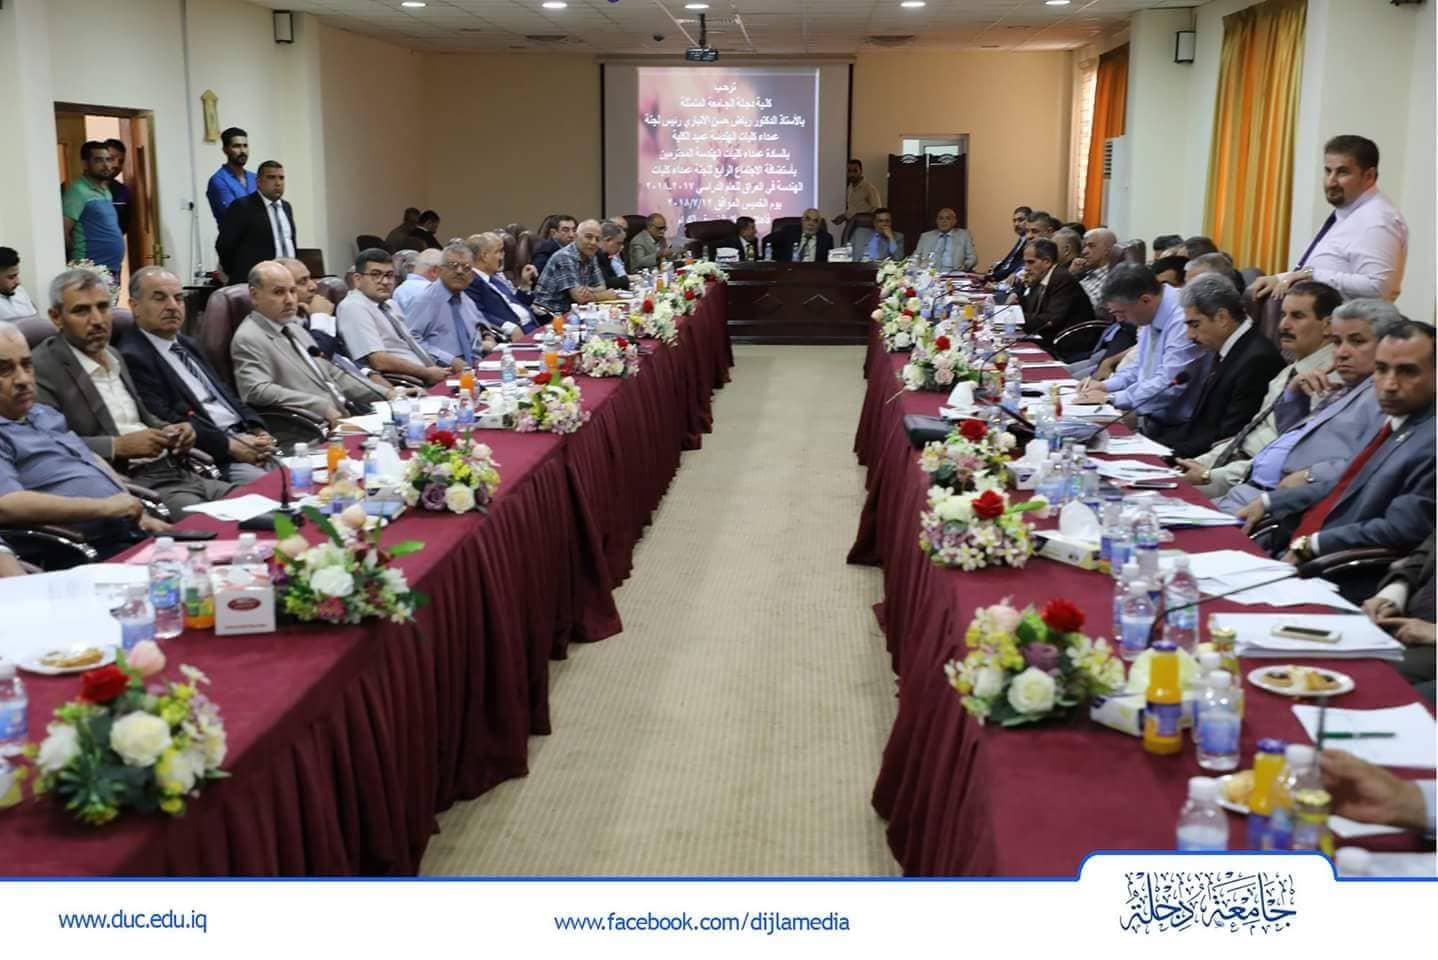 لجنة خبراء الهندسة الكيمياوية والبيولوجية في الجامعات العراقية تختار التدريسي أ.م.د. صالح عبد الجبار صالح عضوا فيها